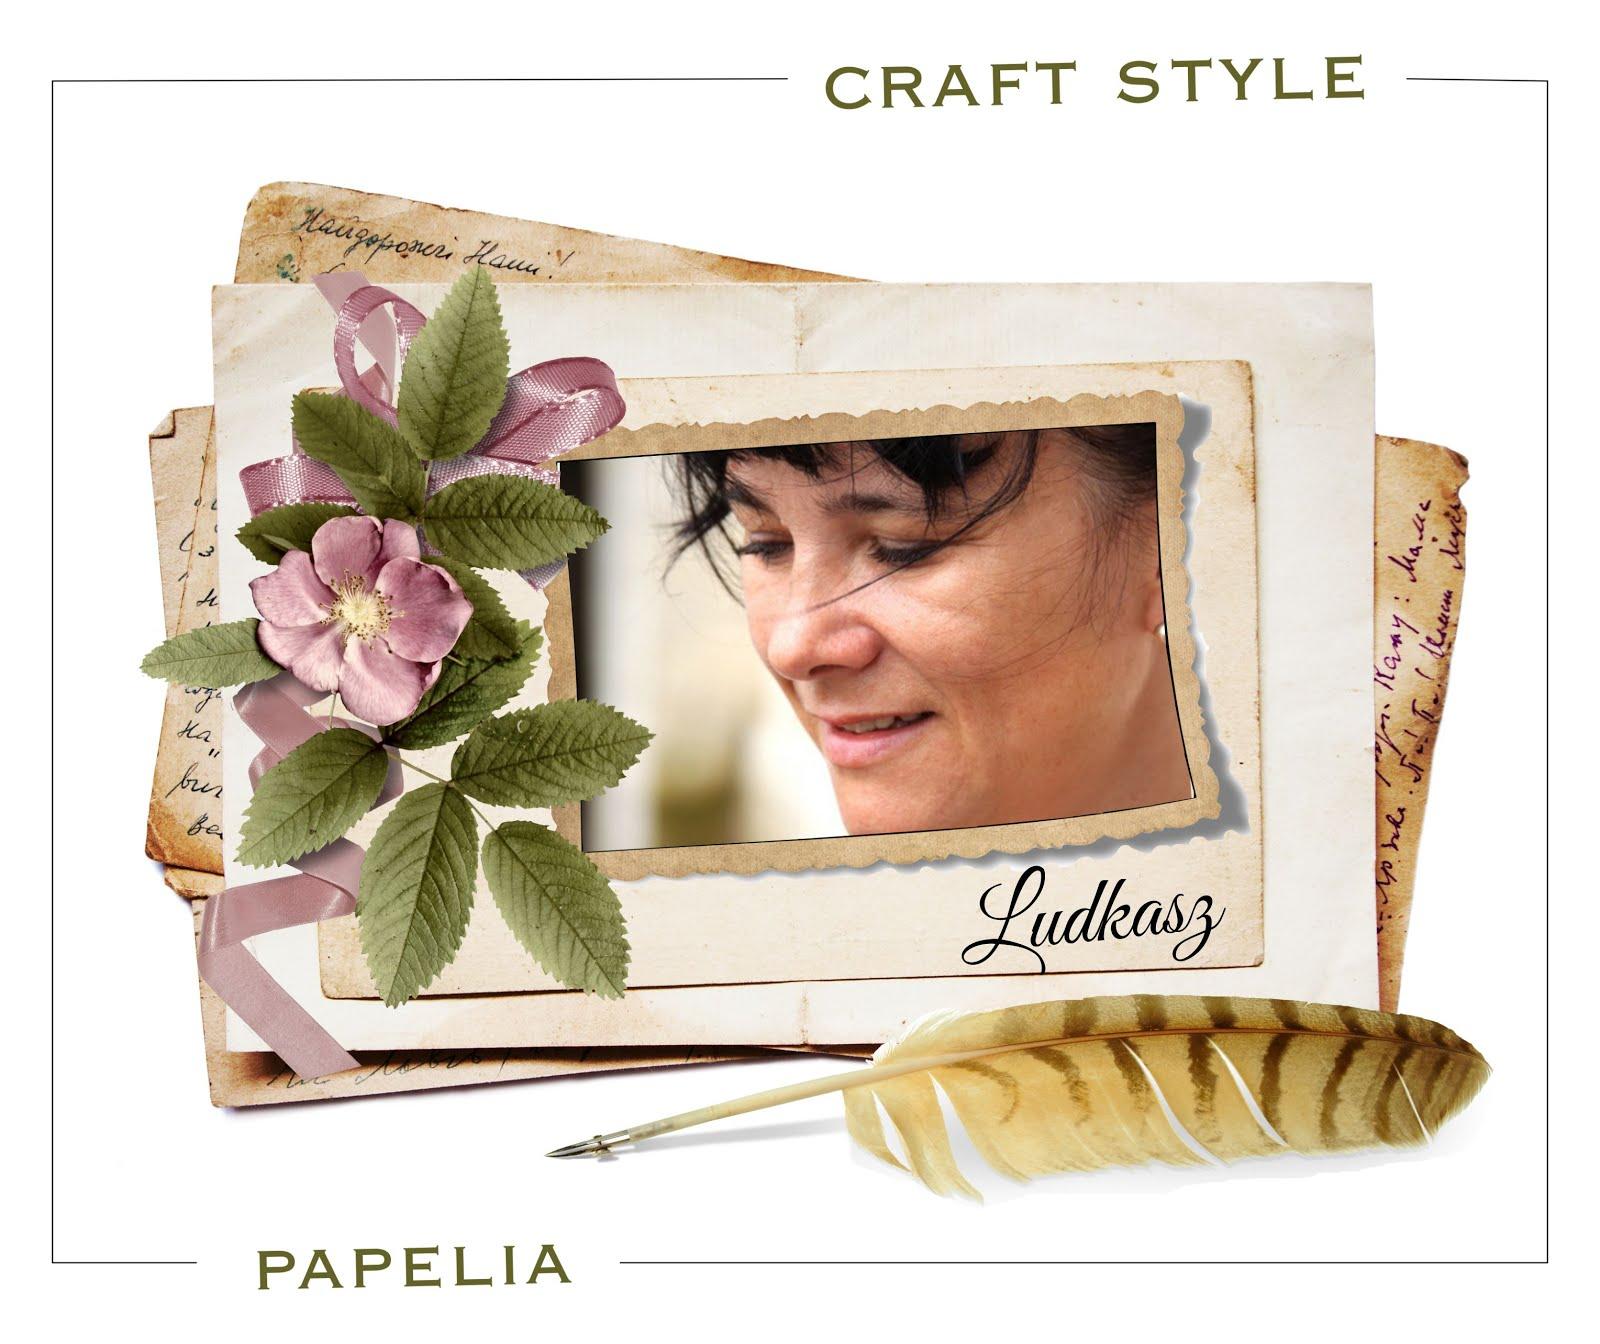 Inspirowałam 3 lata w DT Papelii i Dt Craft Style